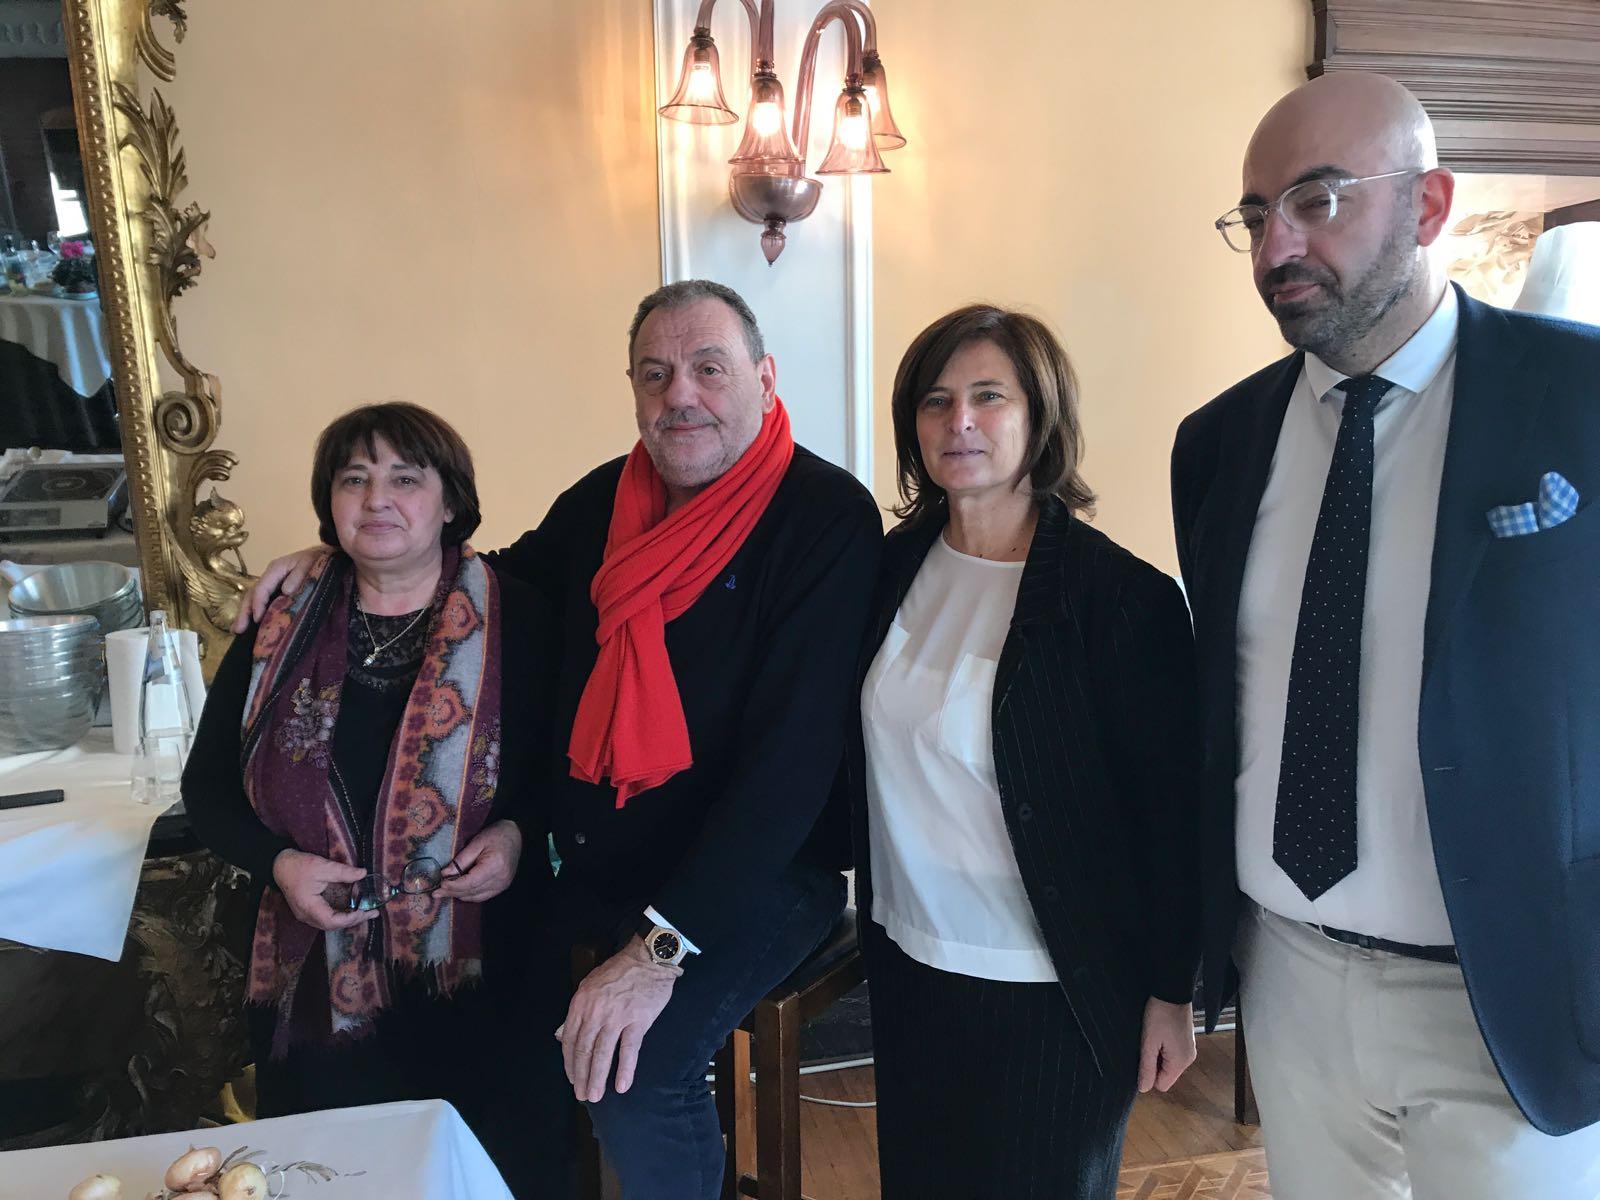 Da sinistra Fernanda Cecchini Gianfranco Vissani Donatella Porzi Roberto Damaschi